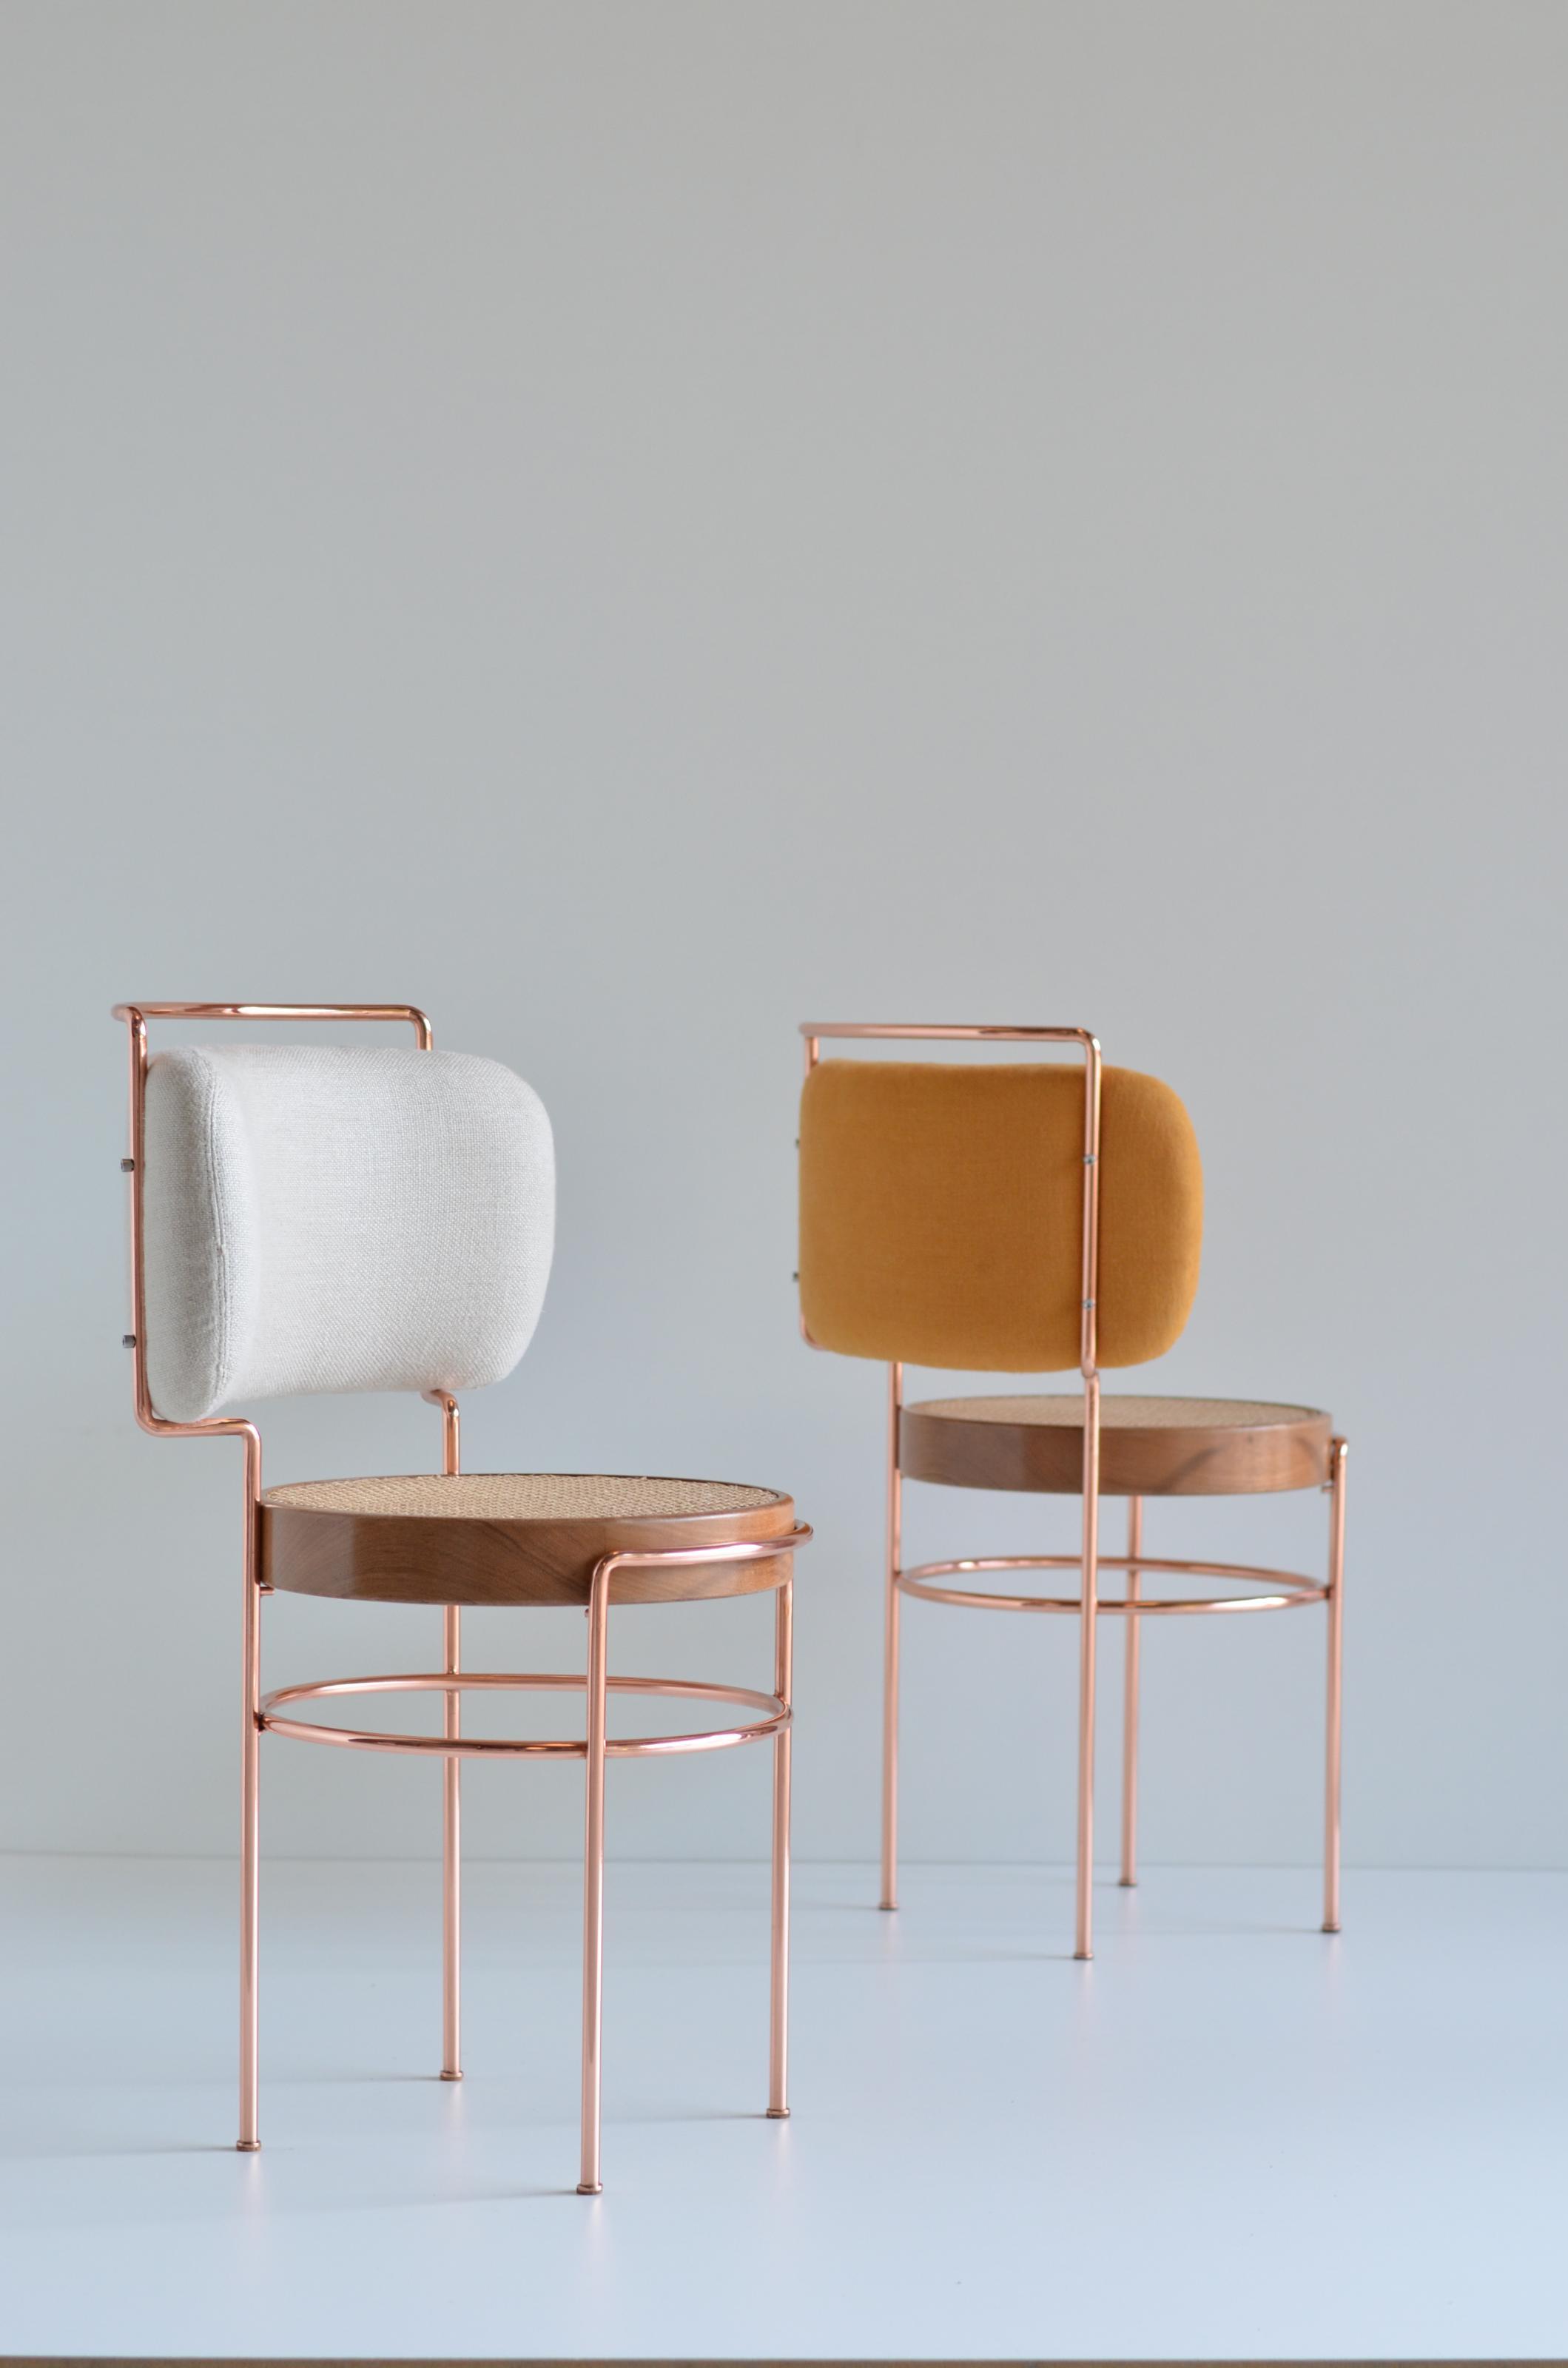 Cadeira Iai Boobam -> Imagens De Uma Cadeira